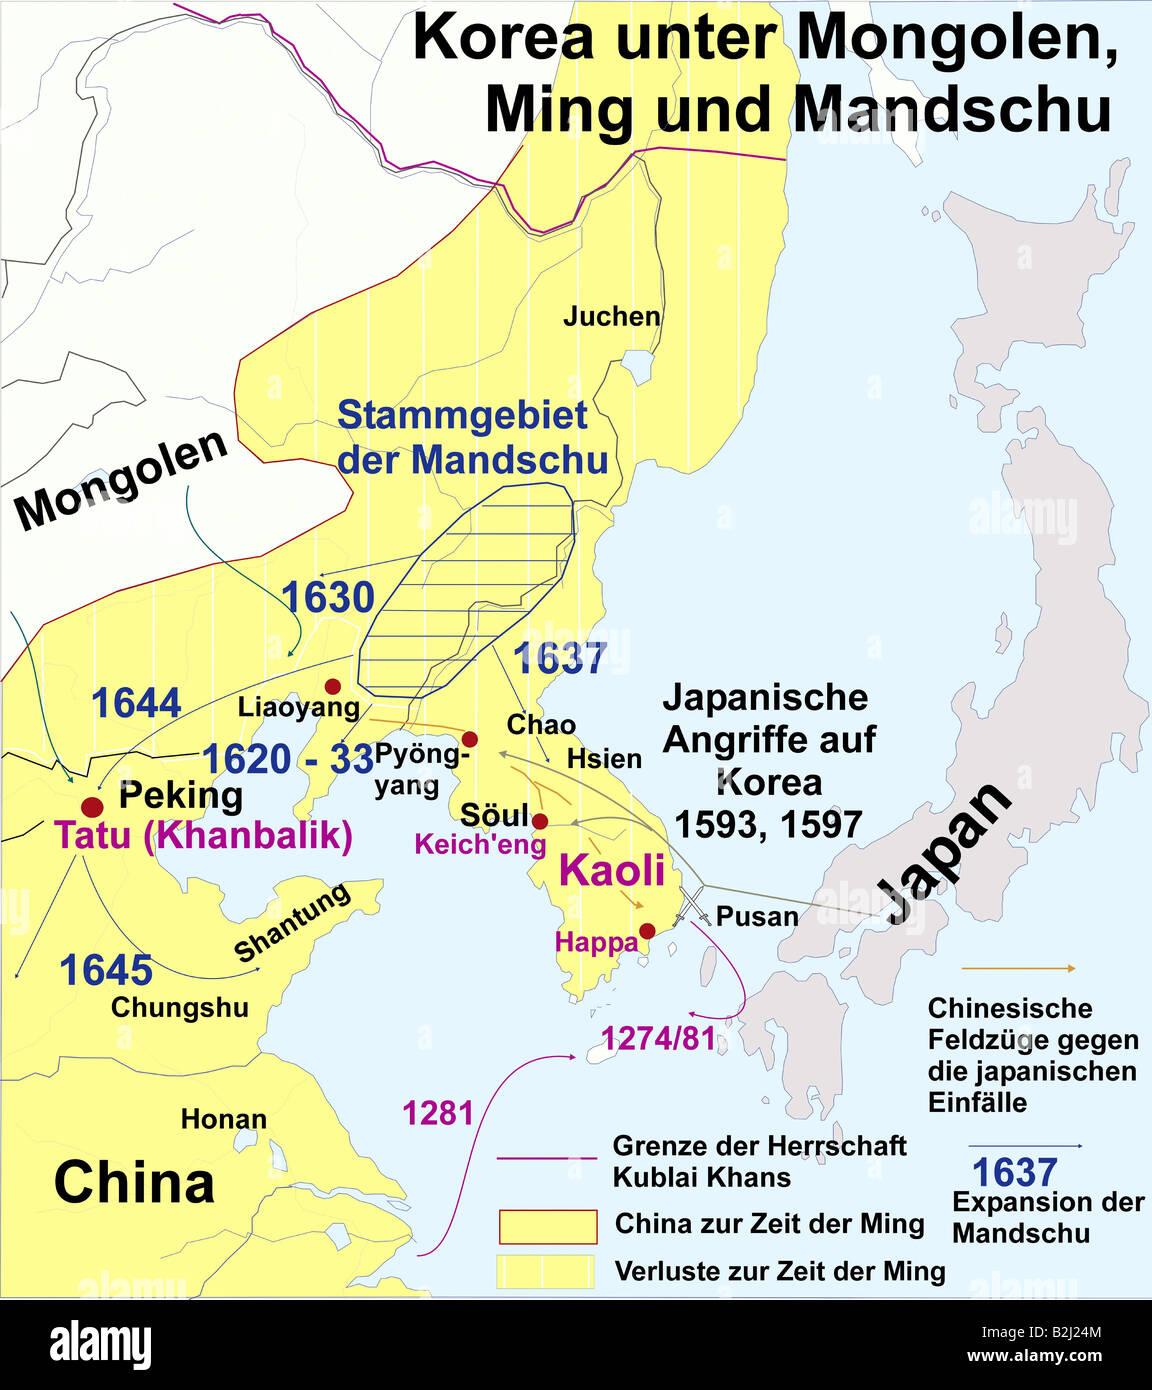 Carte Chine Ming.Carthography Cartes Historiques Les Temps Modernes La Coree Sous